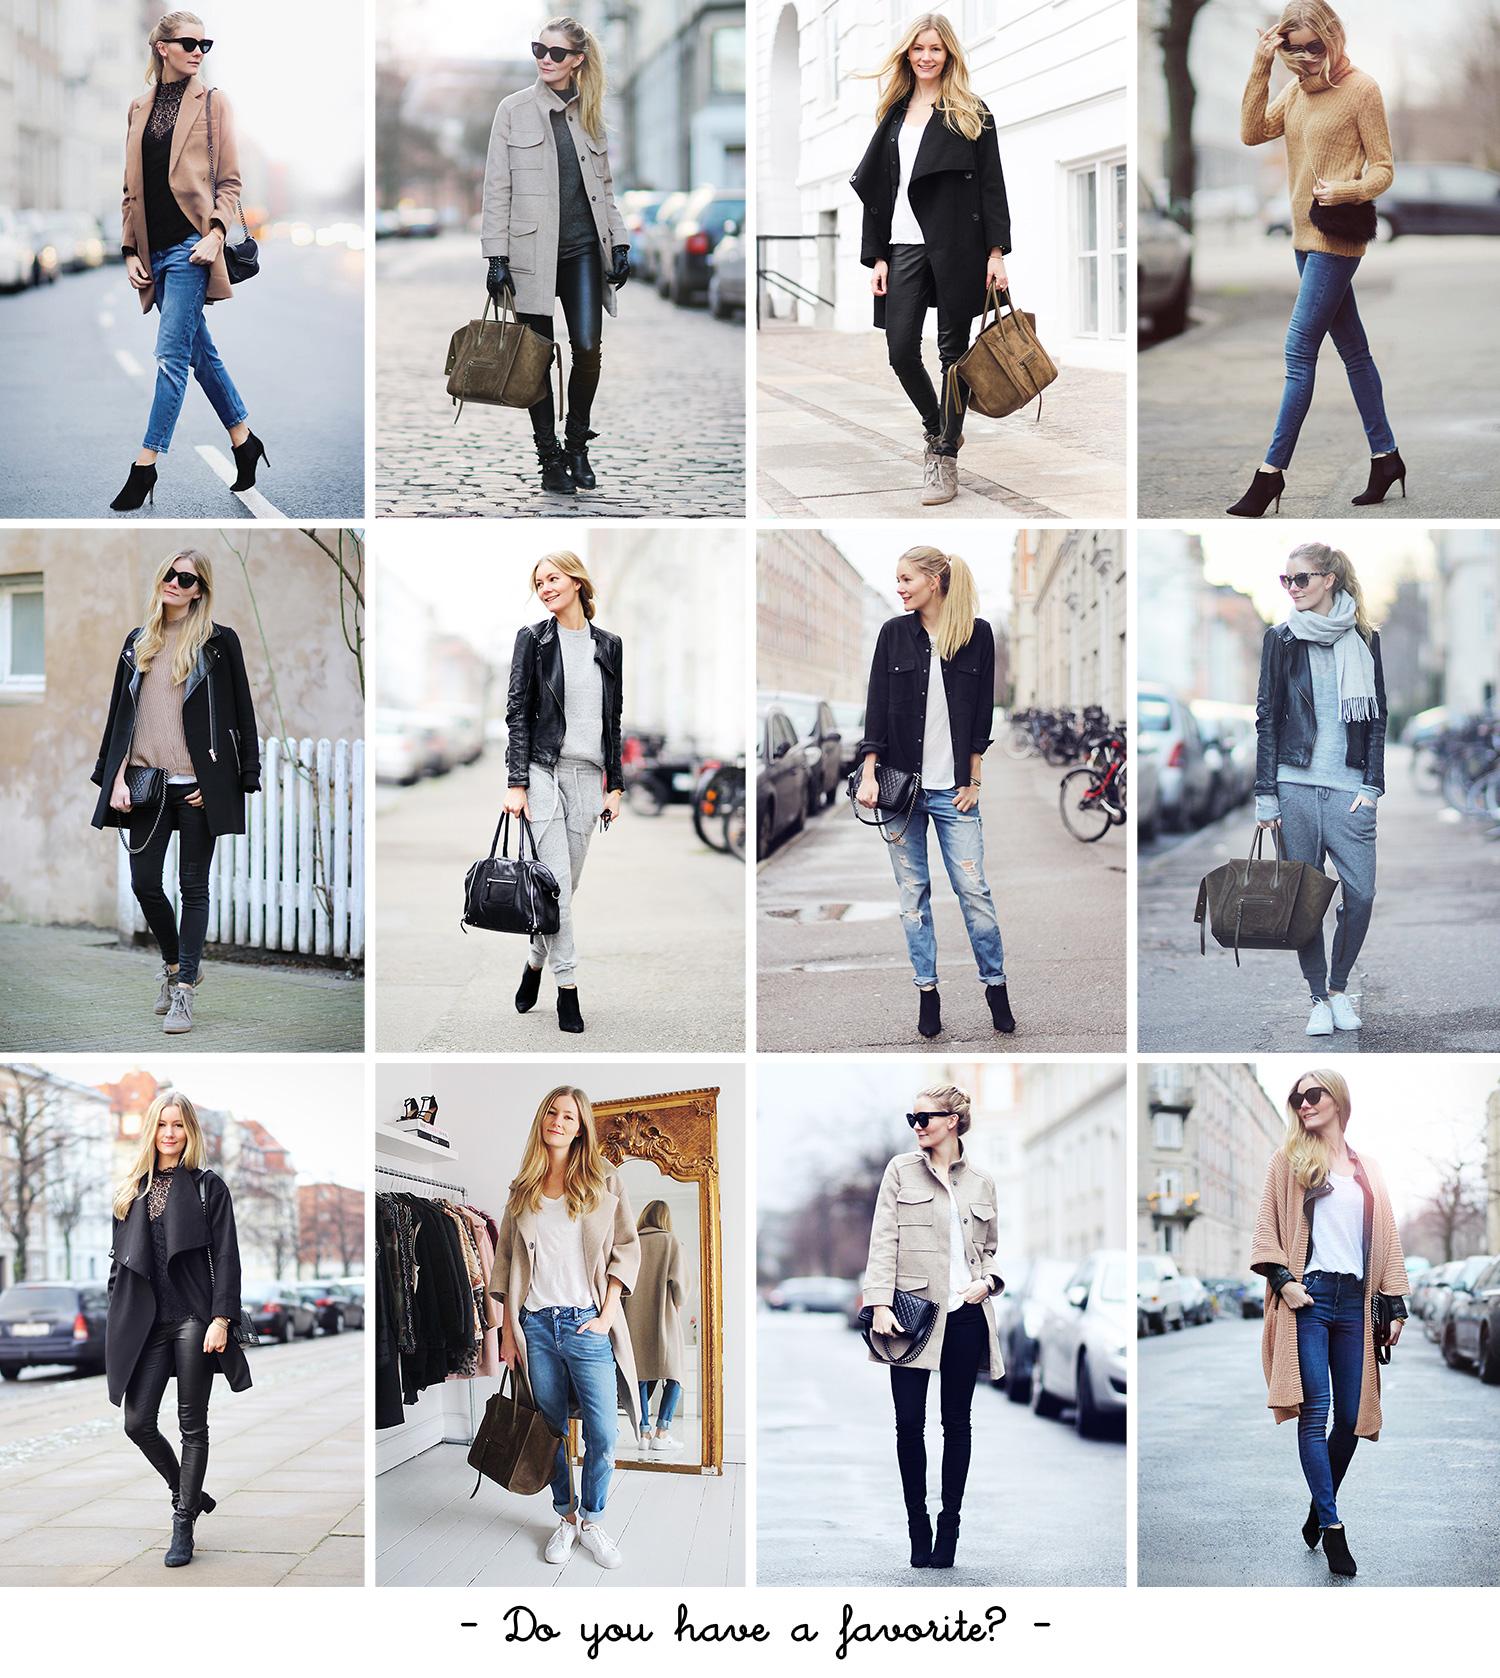 outfits,-modeblog,-fashion-blog,-blogger,-shopping,-københavn@2x